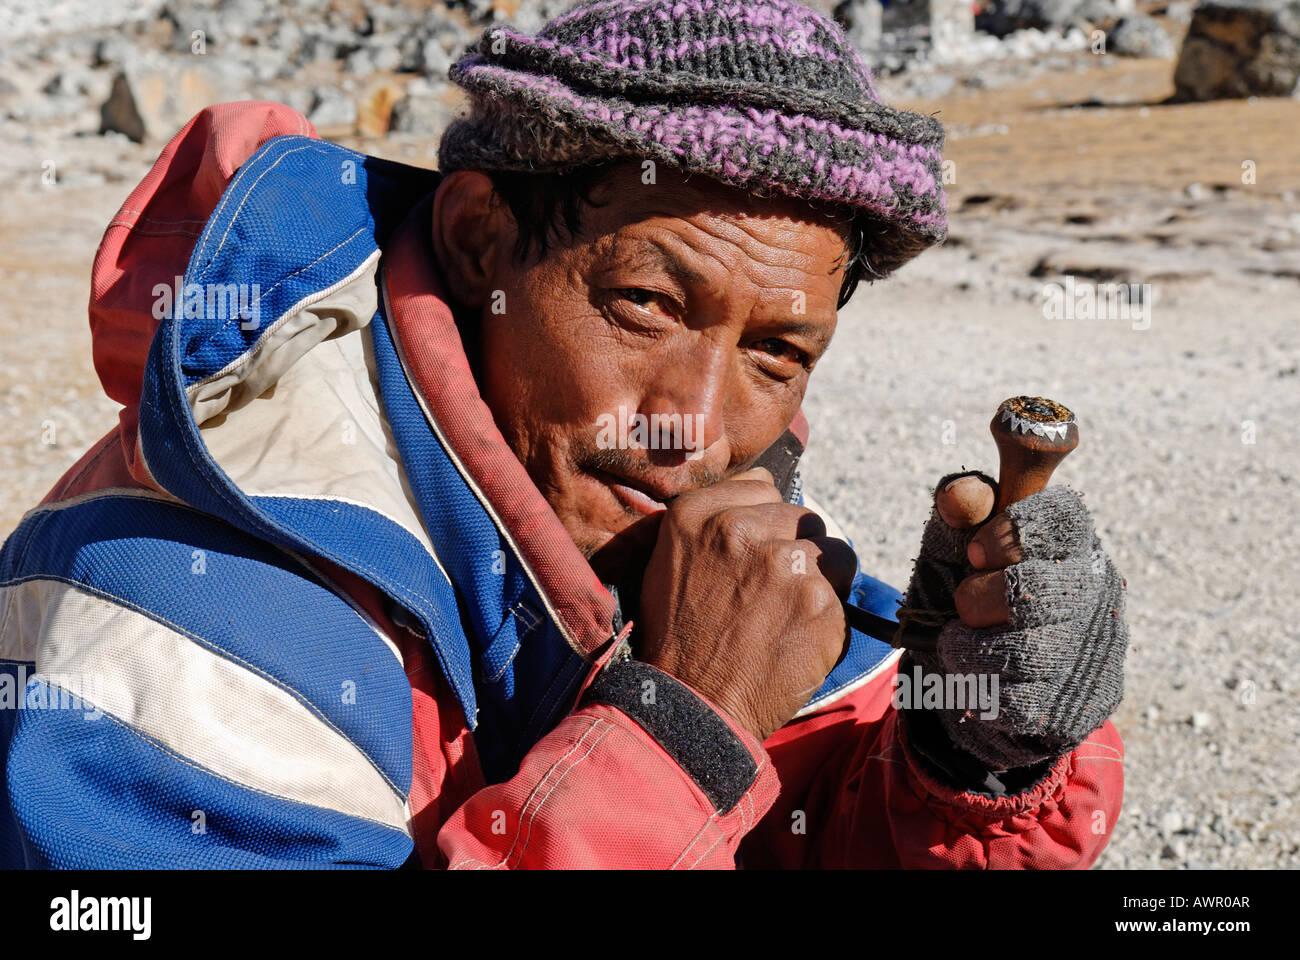 Sherpa man smoking a pipe, Khumbu Himal, Sagarmatha National Park, Nepal Stock Photo